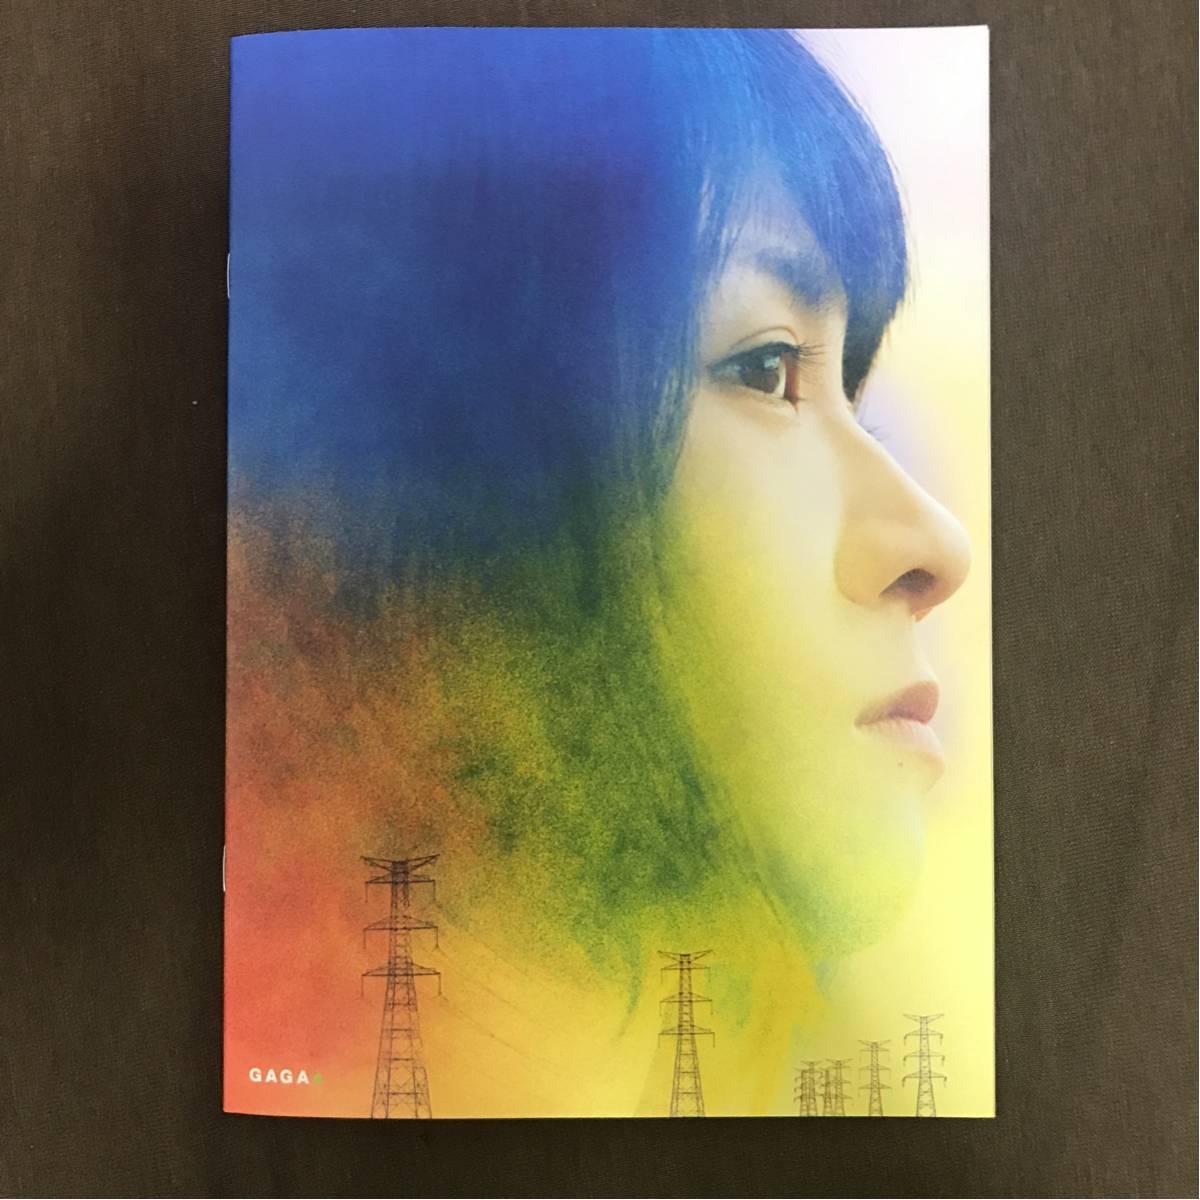 瀧内公美 高良健吾 彼女の人生は間違いじゃない パンフレット グッズの画像